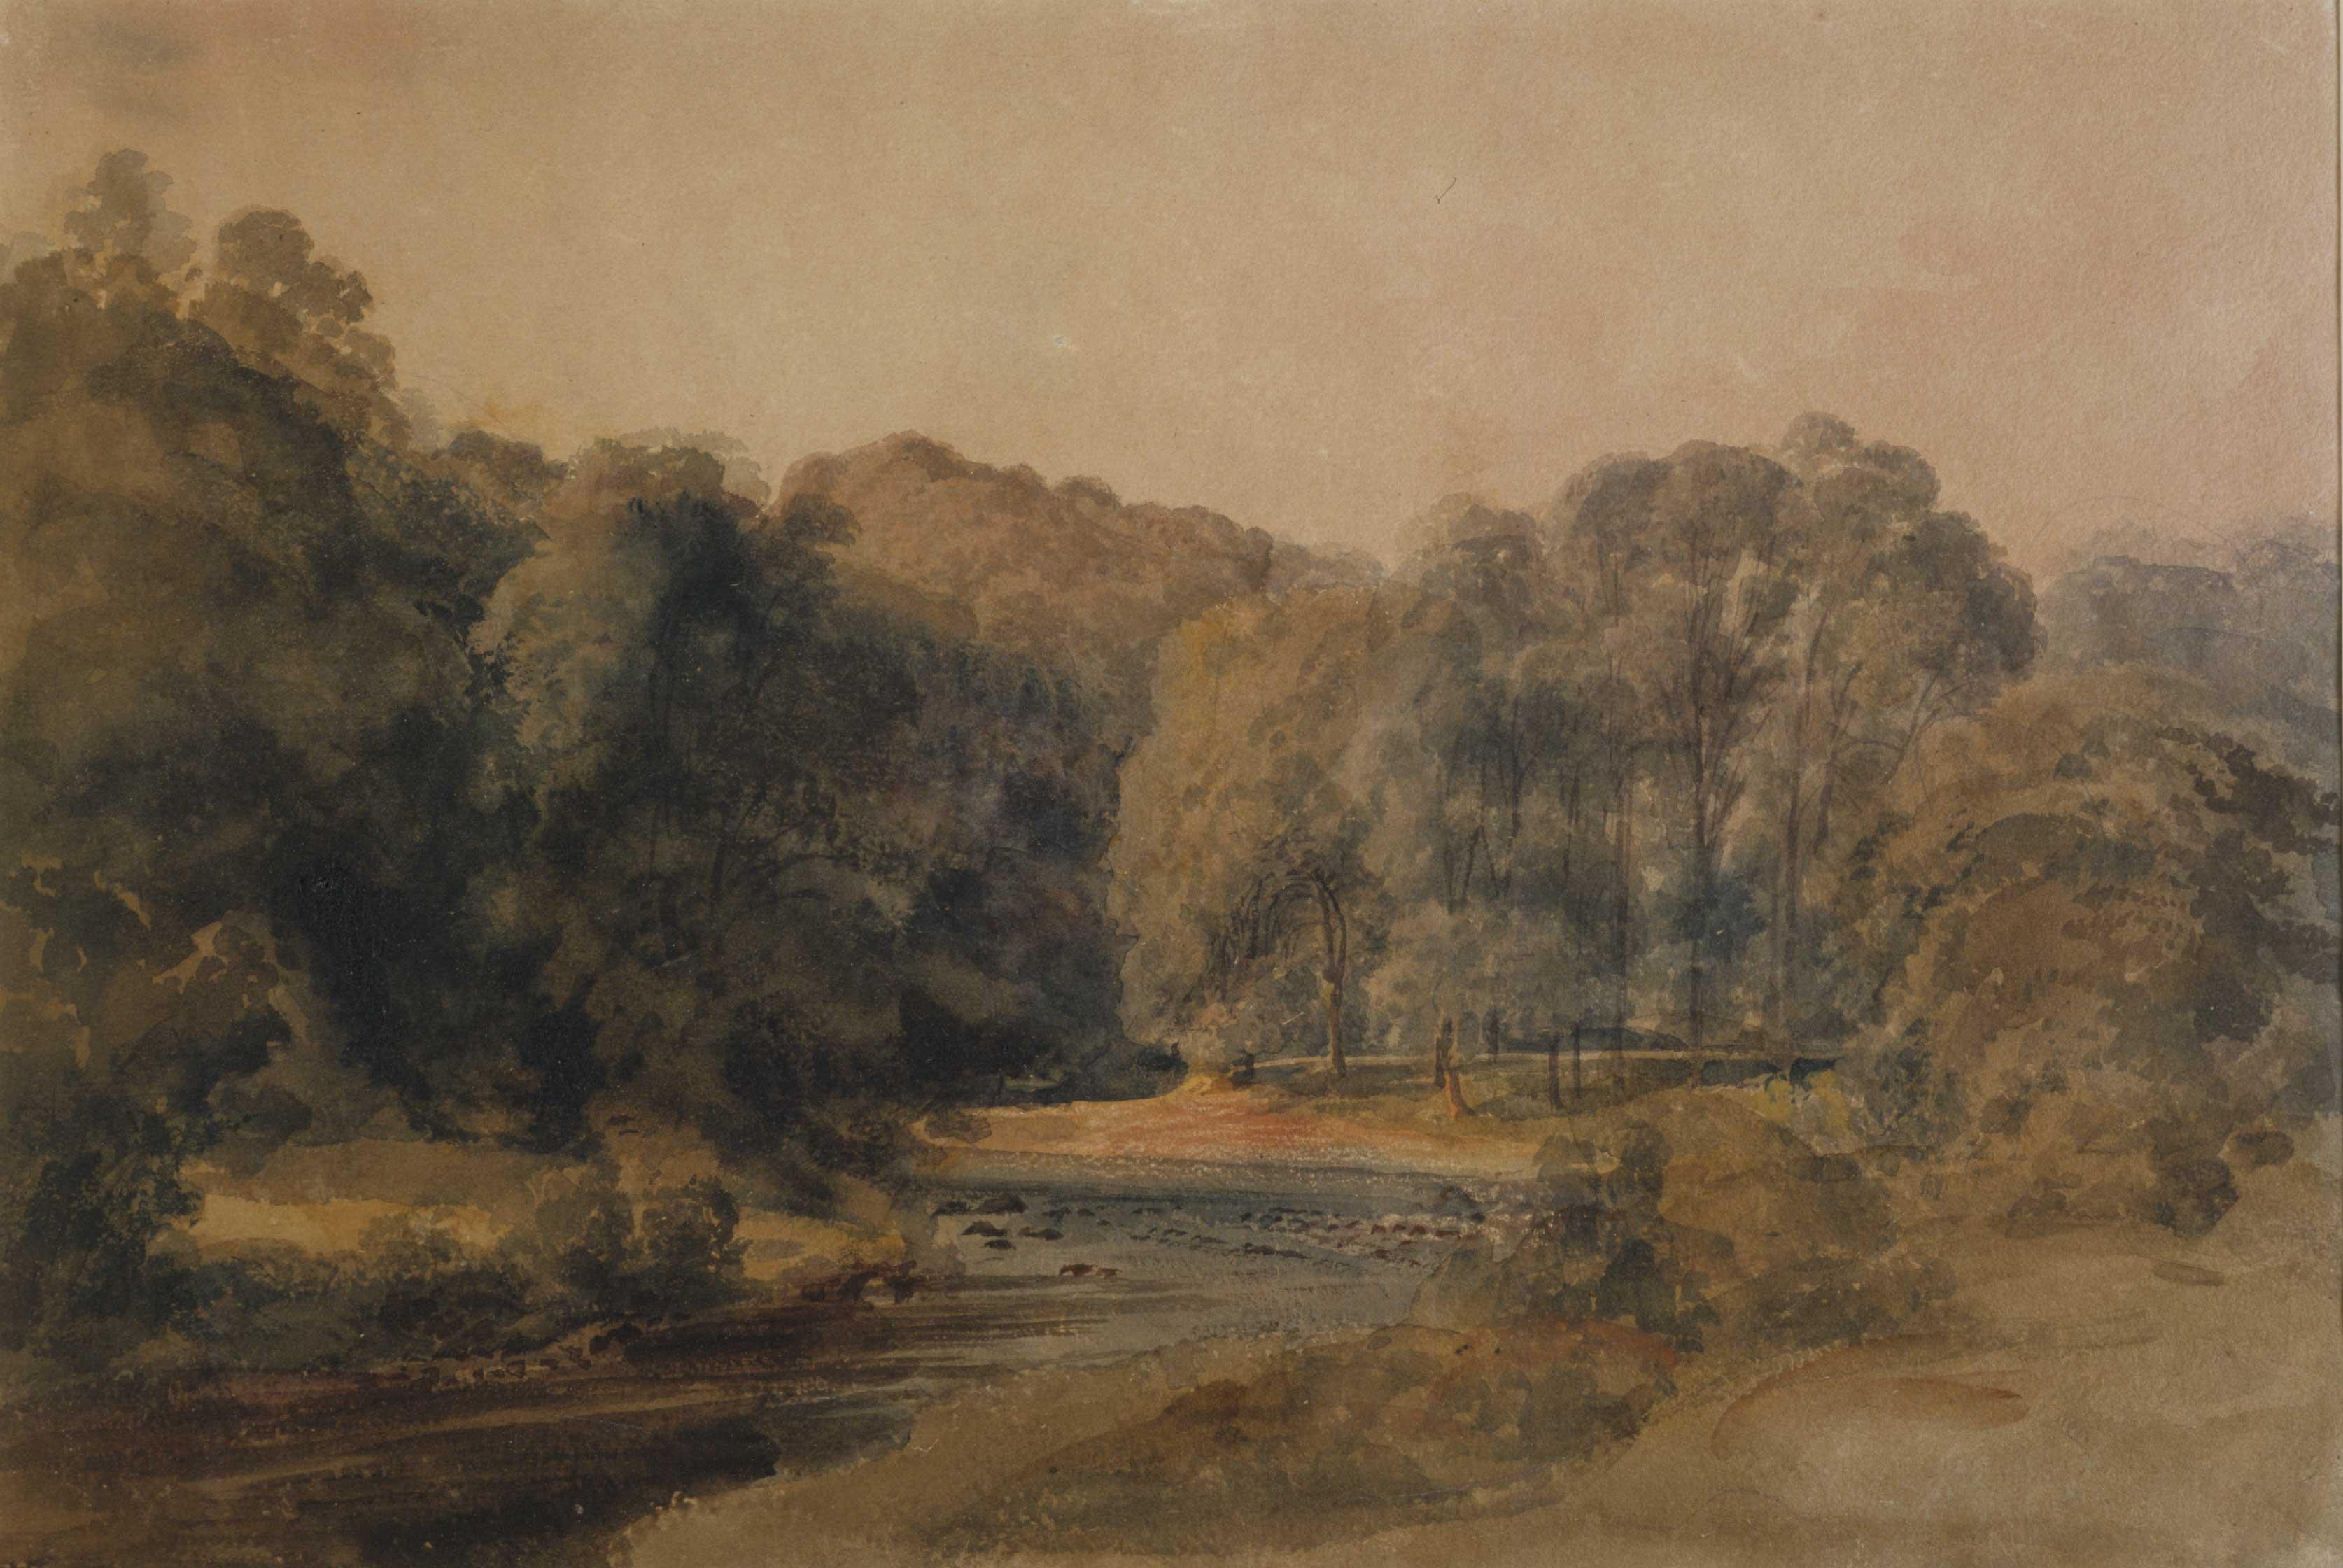 River Wharfe near Bolton Abbey